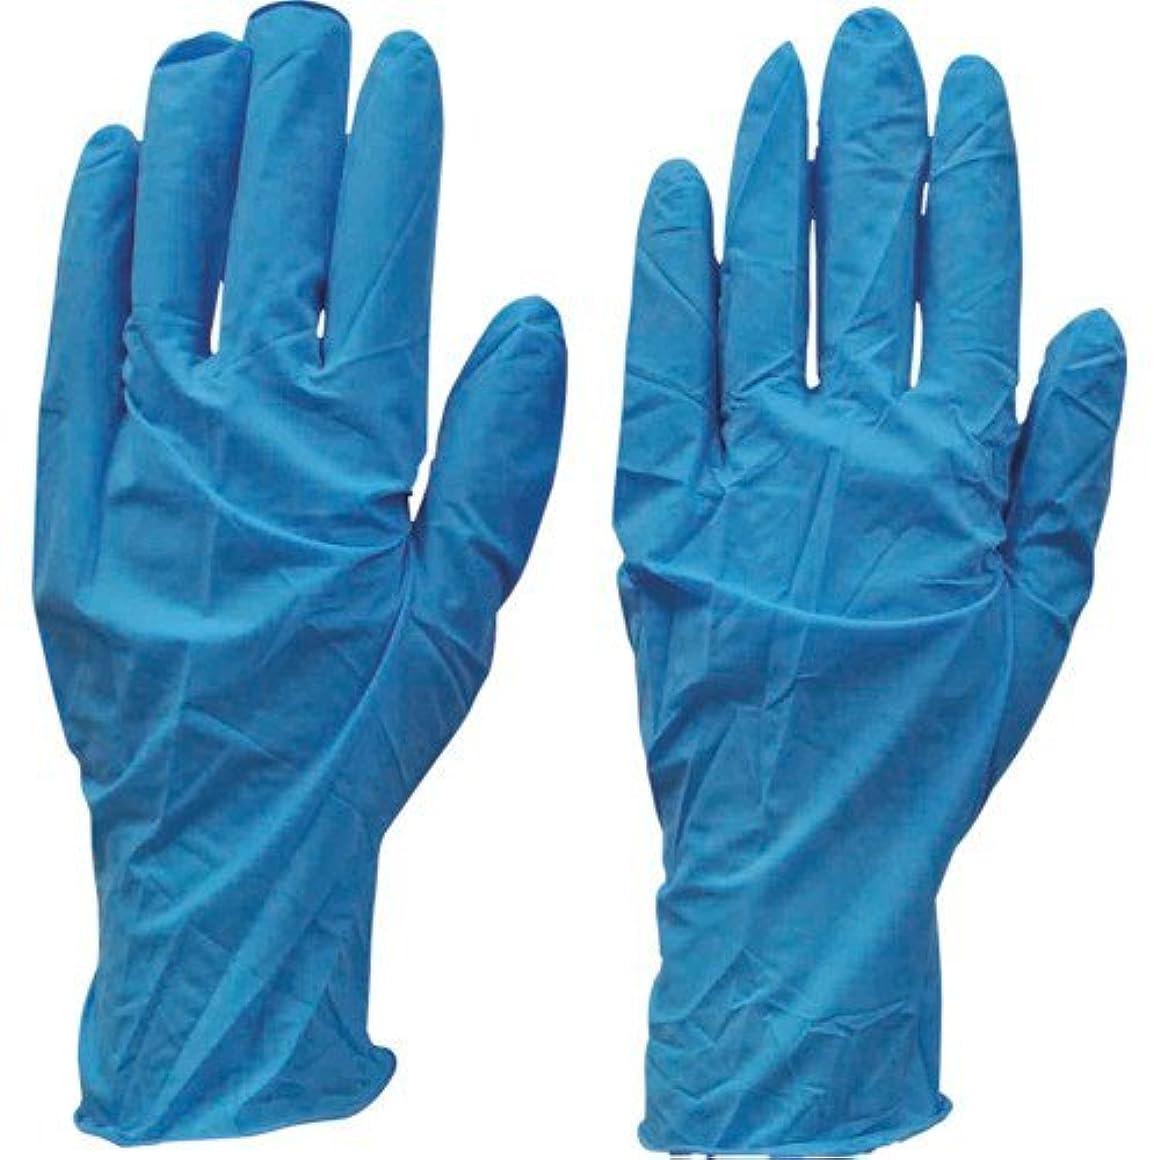 司法統計アラートダンロップ N-211 天然ゴム極うす手袋100枚入 Mブルー N211MB